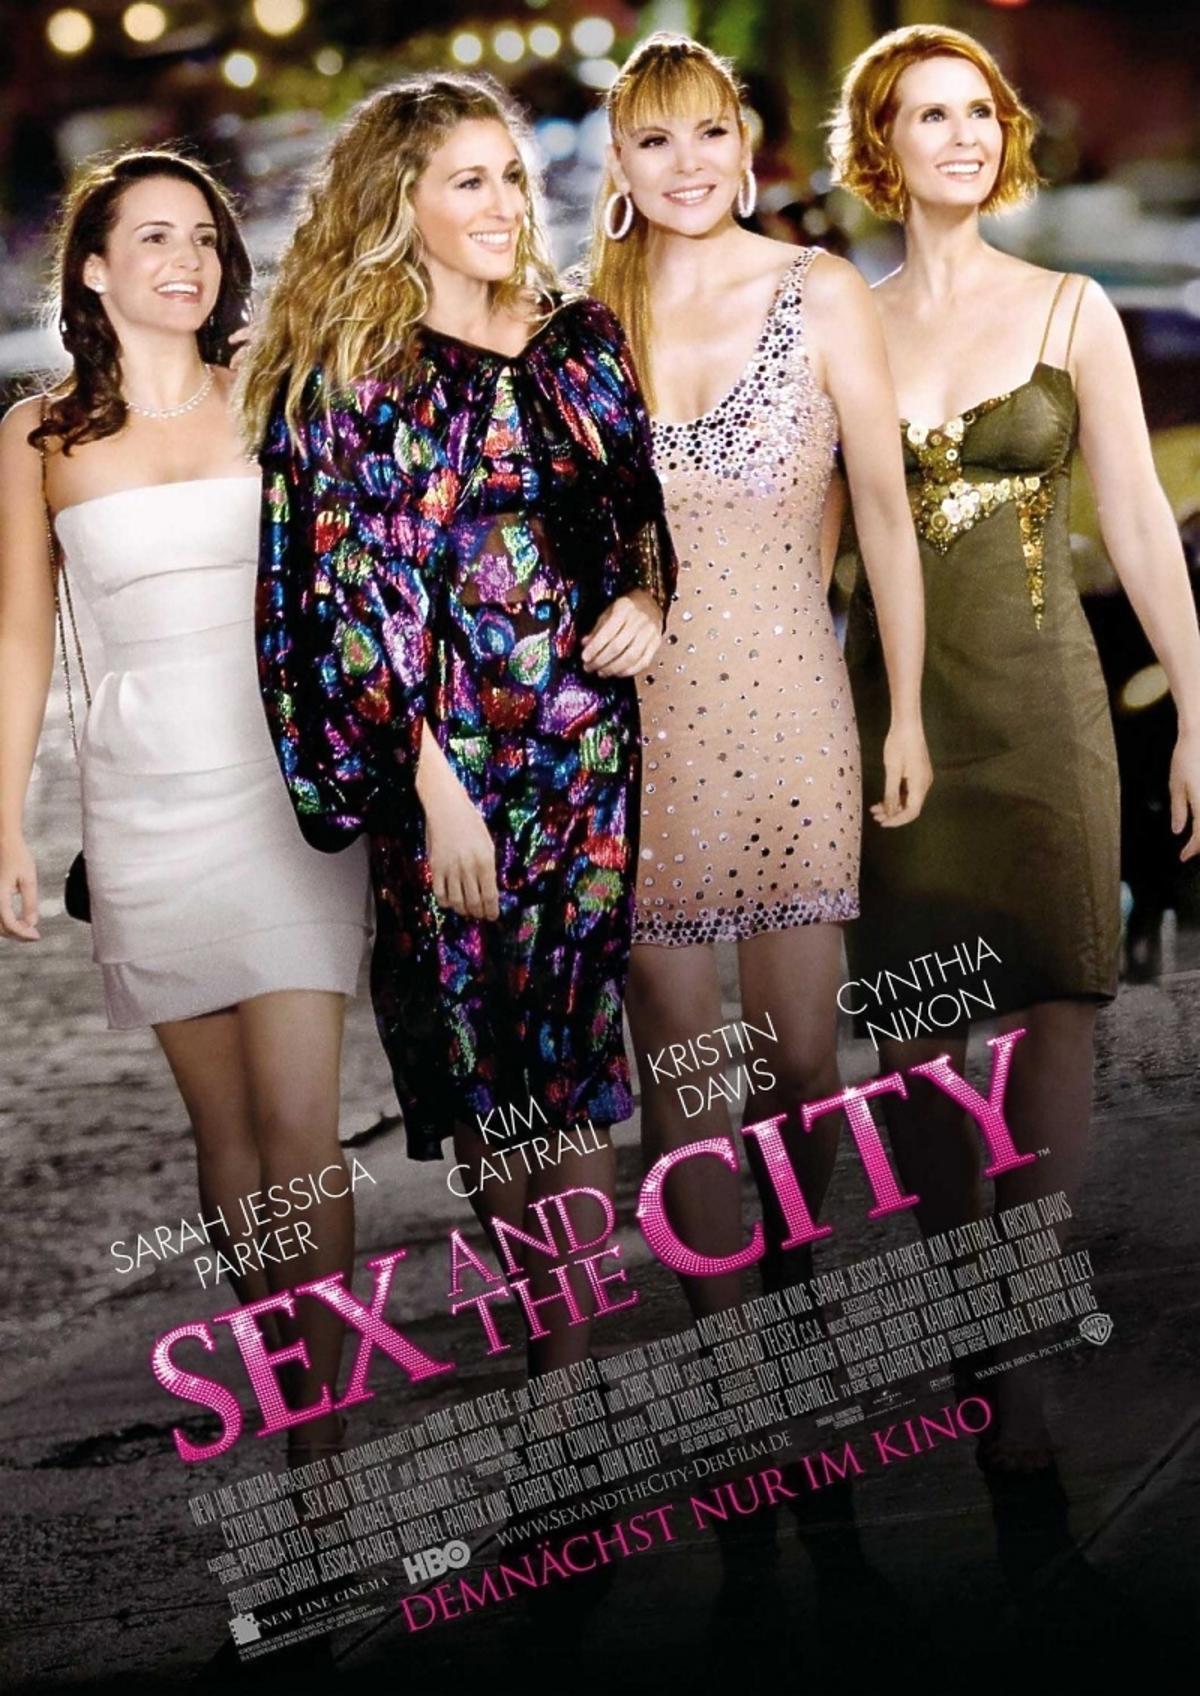 Trzecia część filmu Seks w wielkim mieście